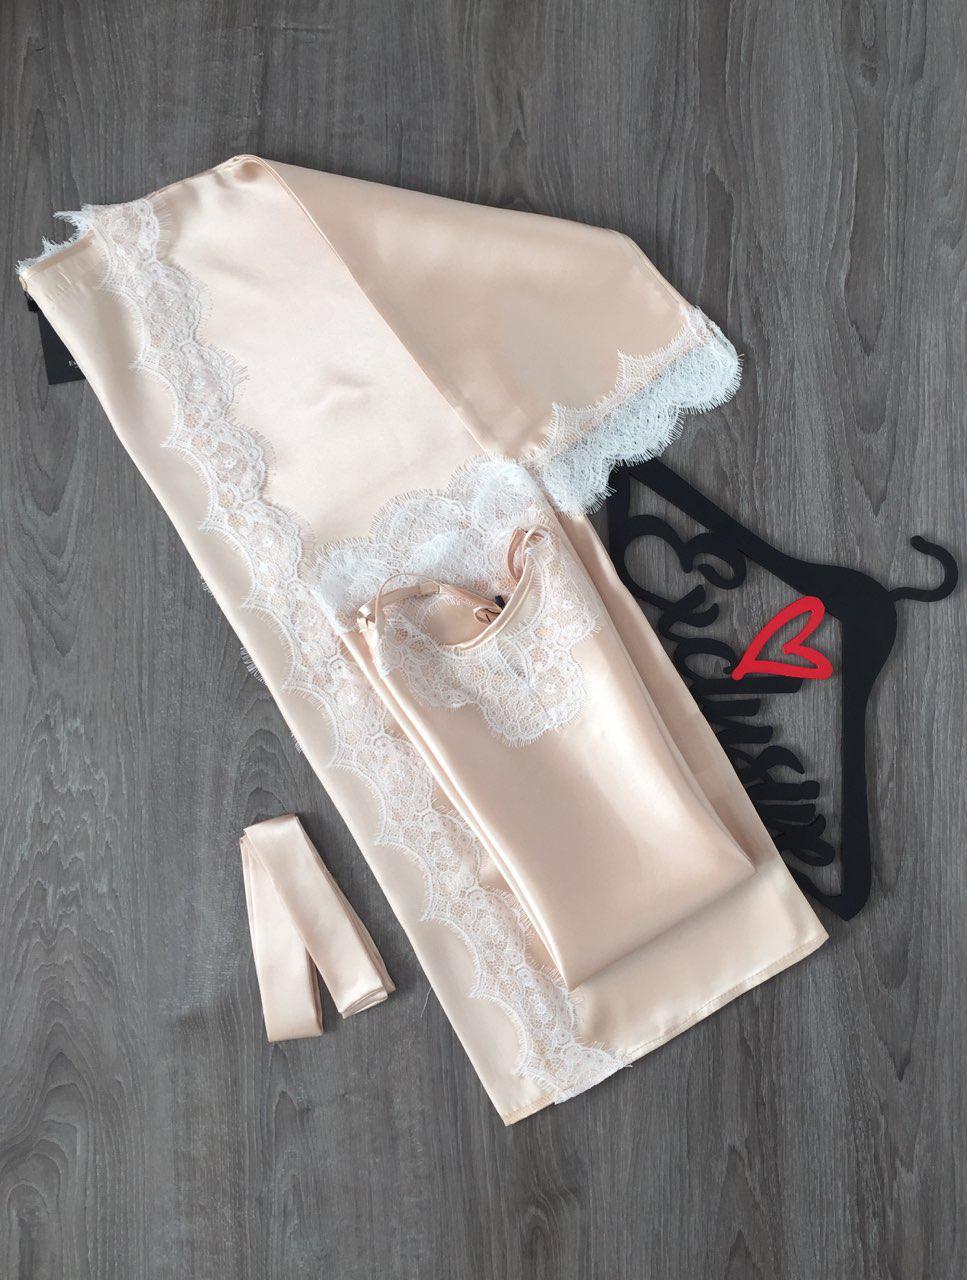 комплект халат и пеньюар женский